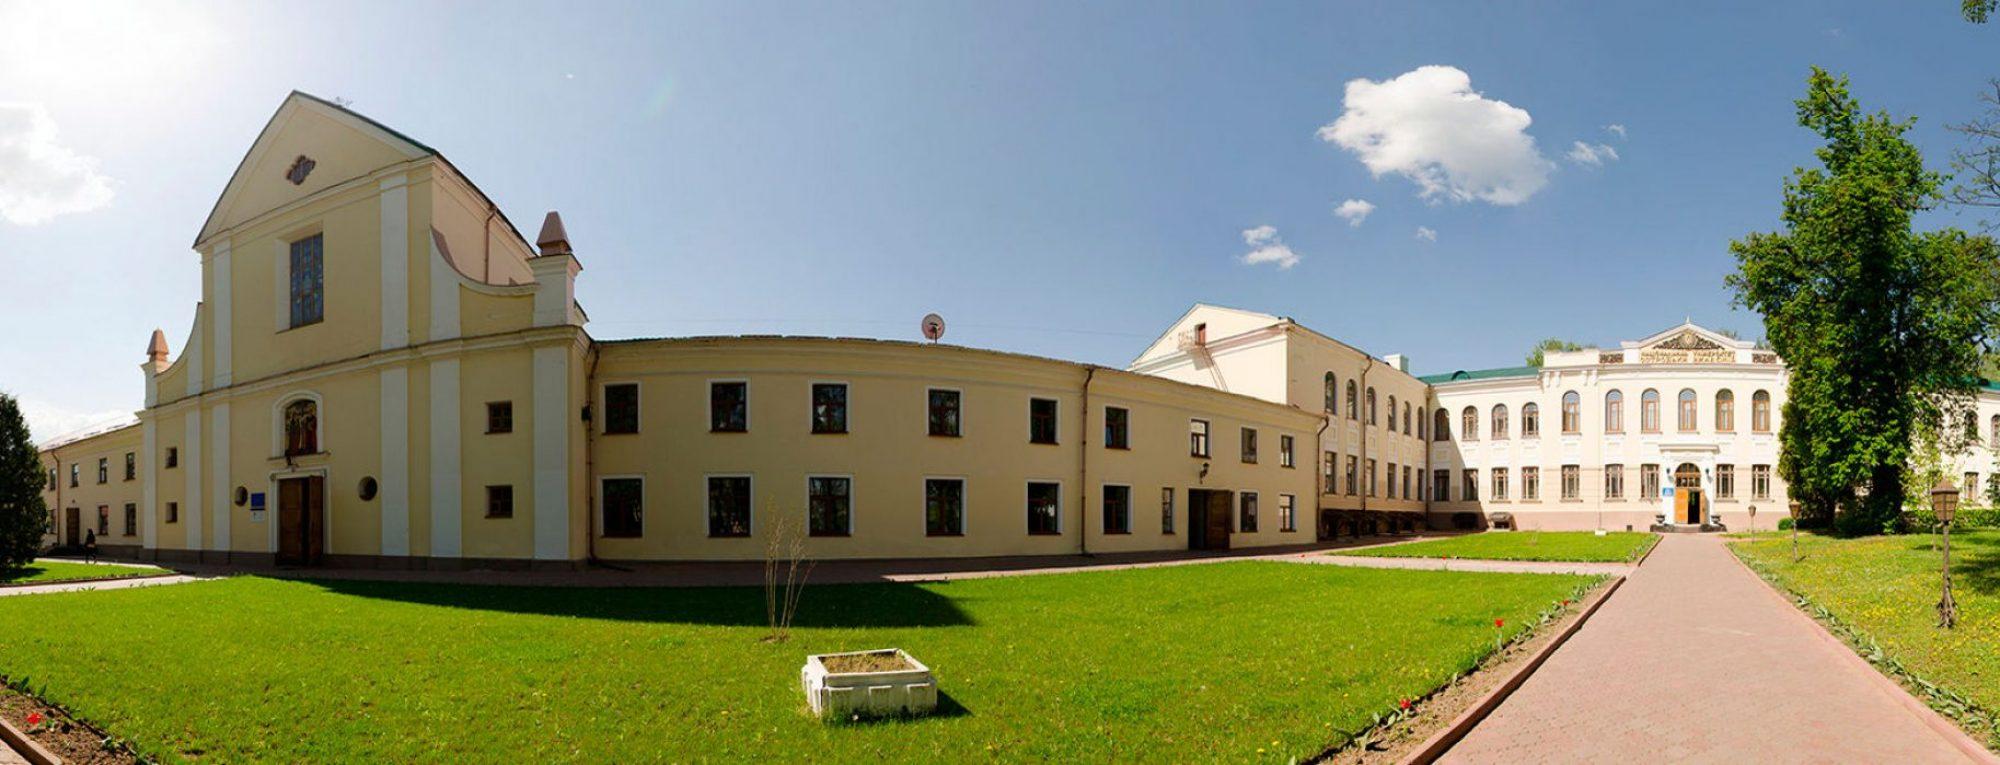 Благодійний фонд «Острозька академія»